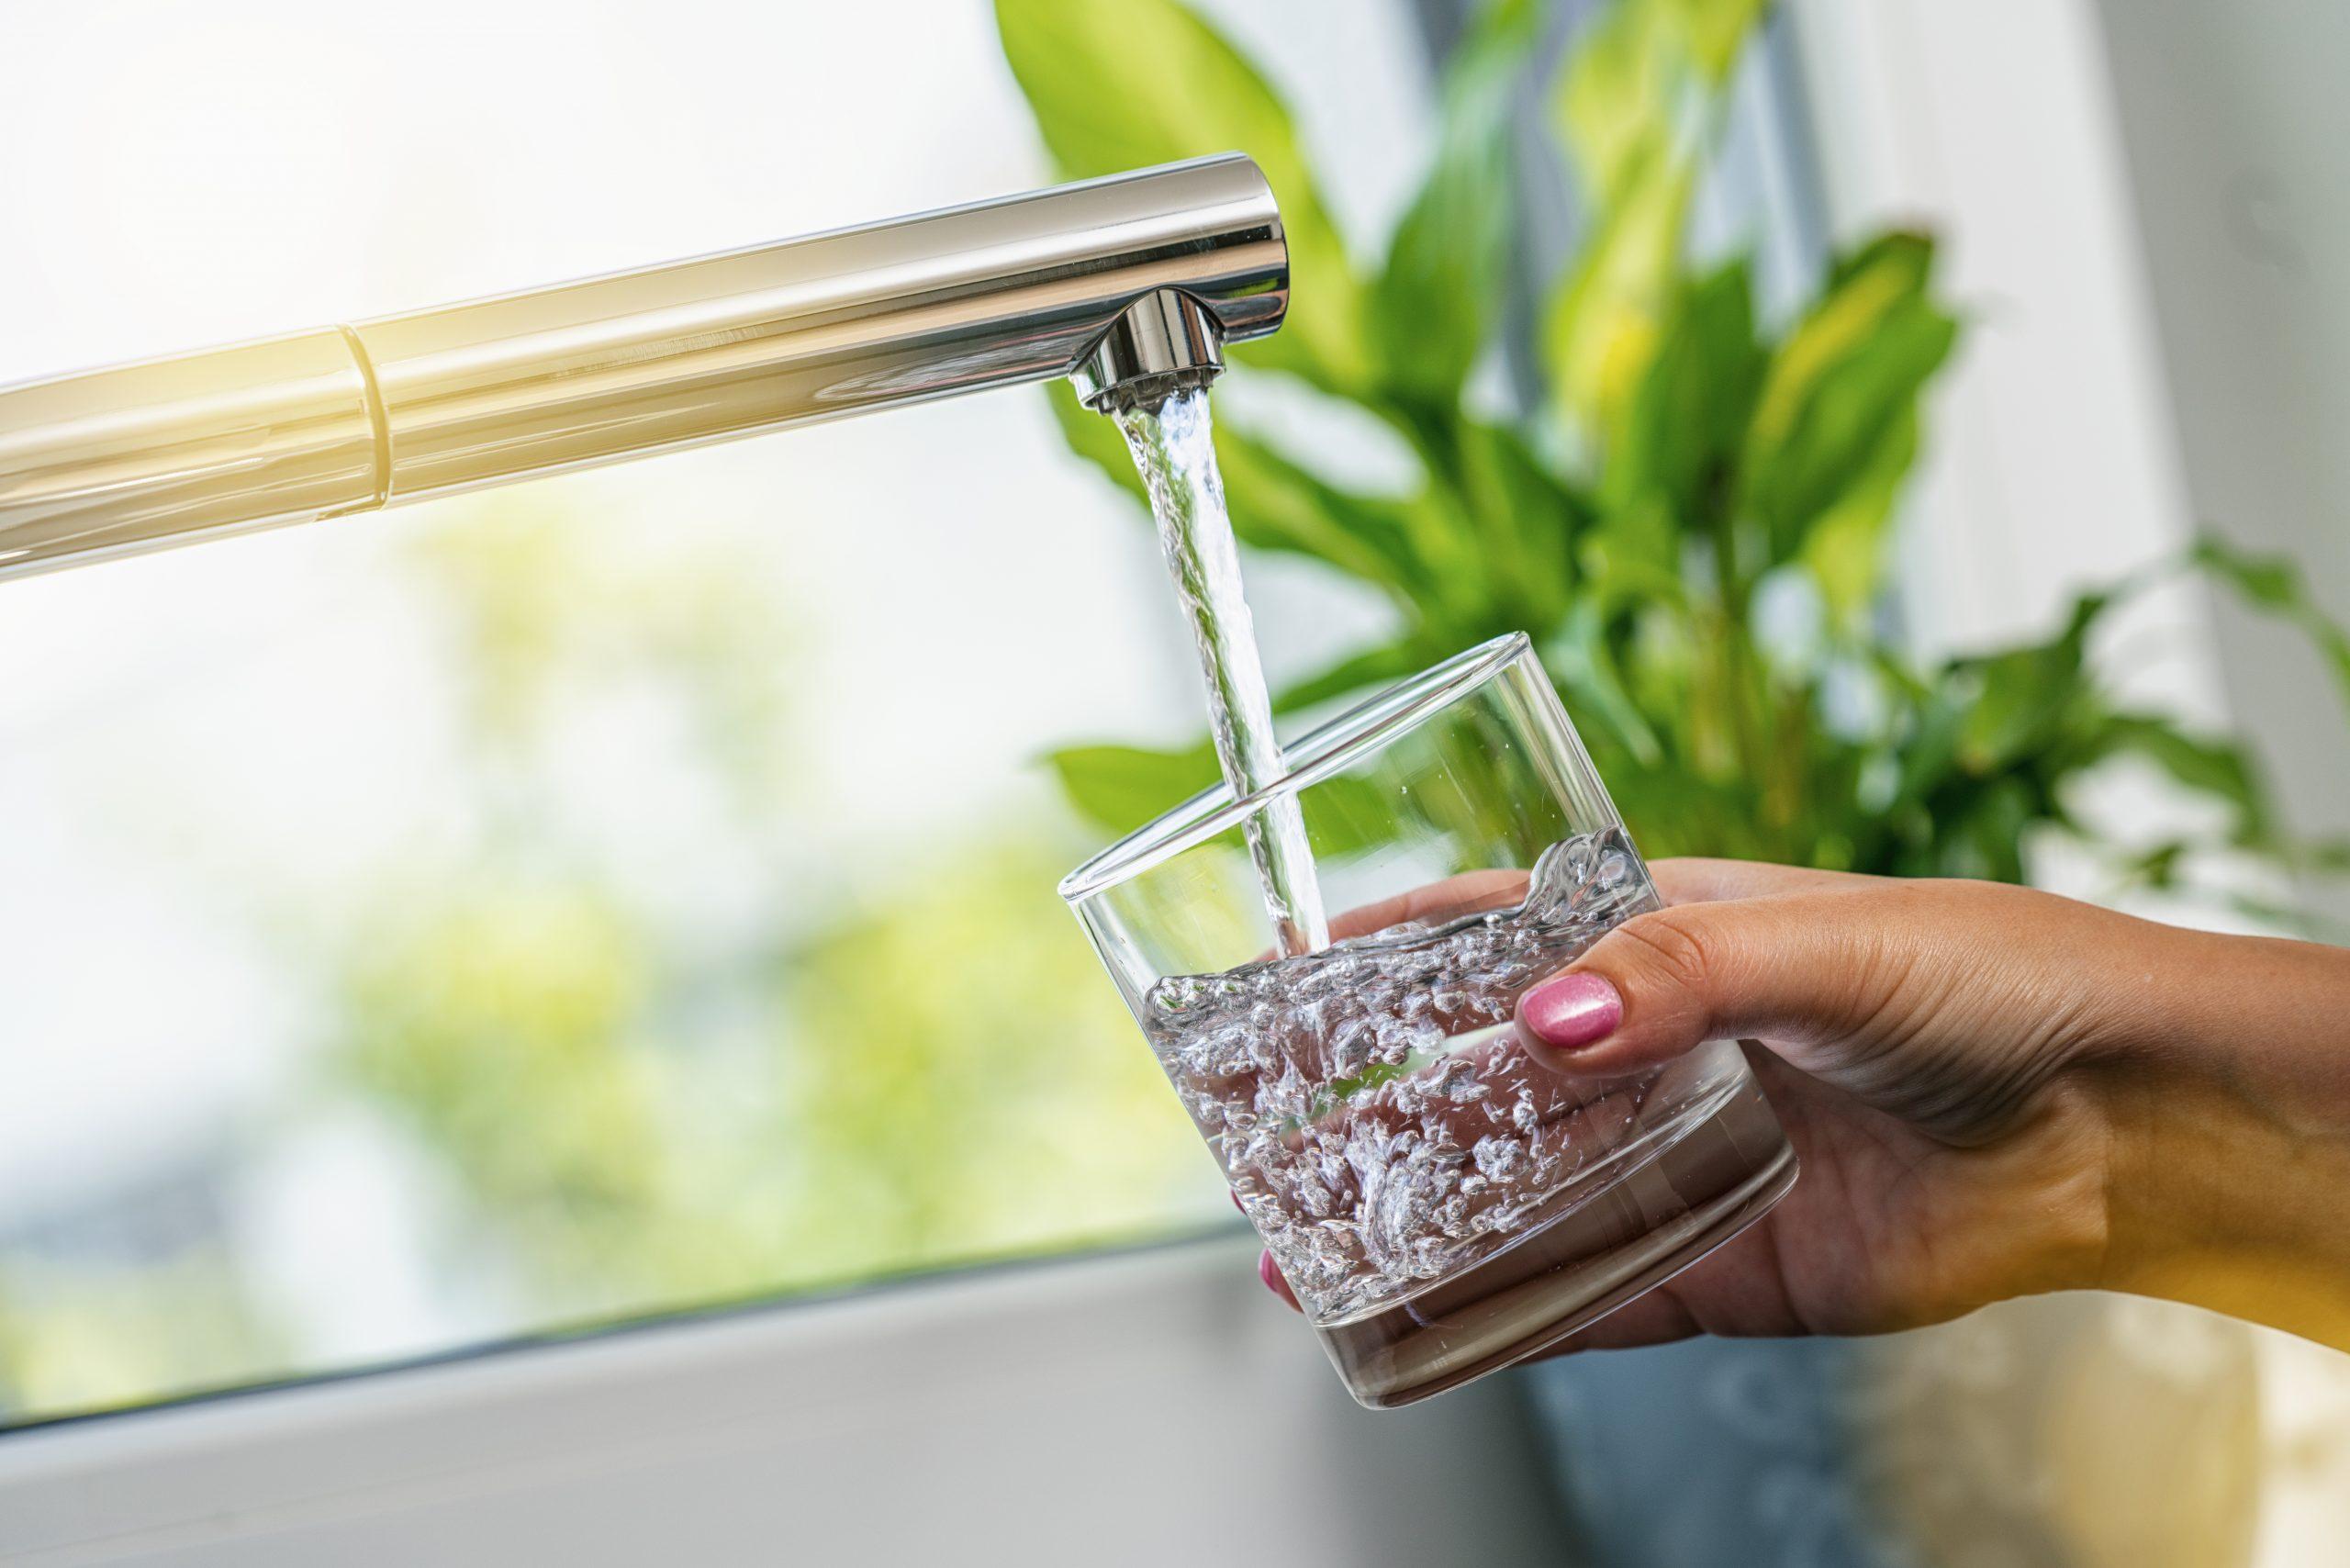 Tap Water Vs. Bottled Water